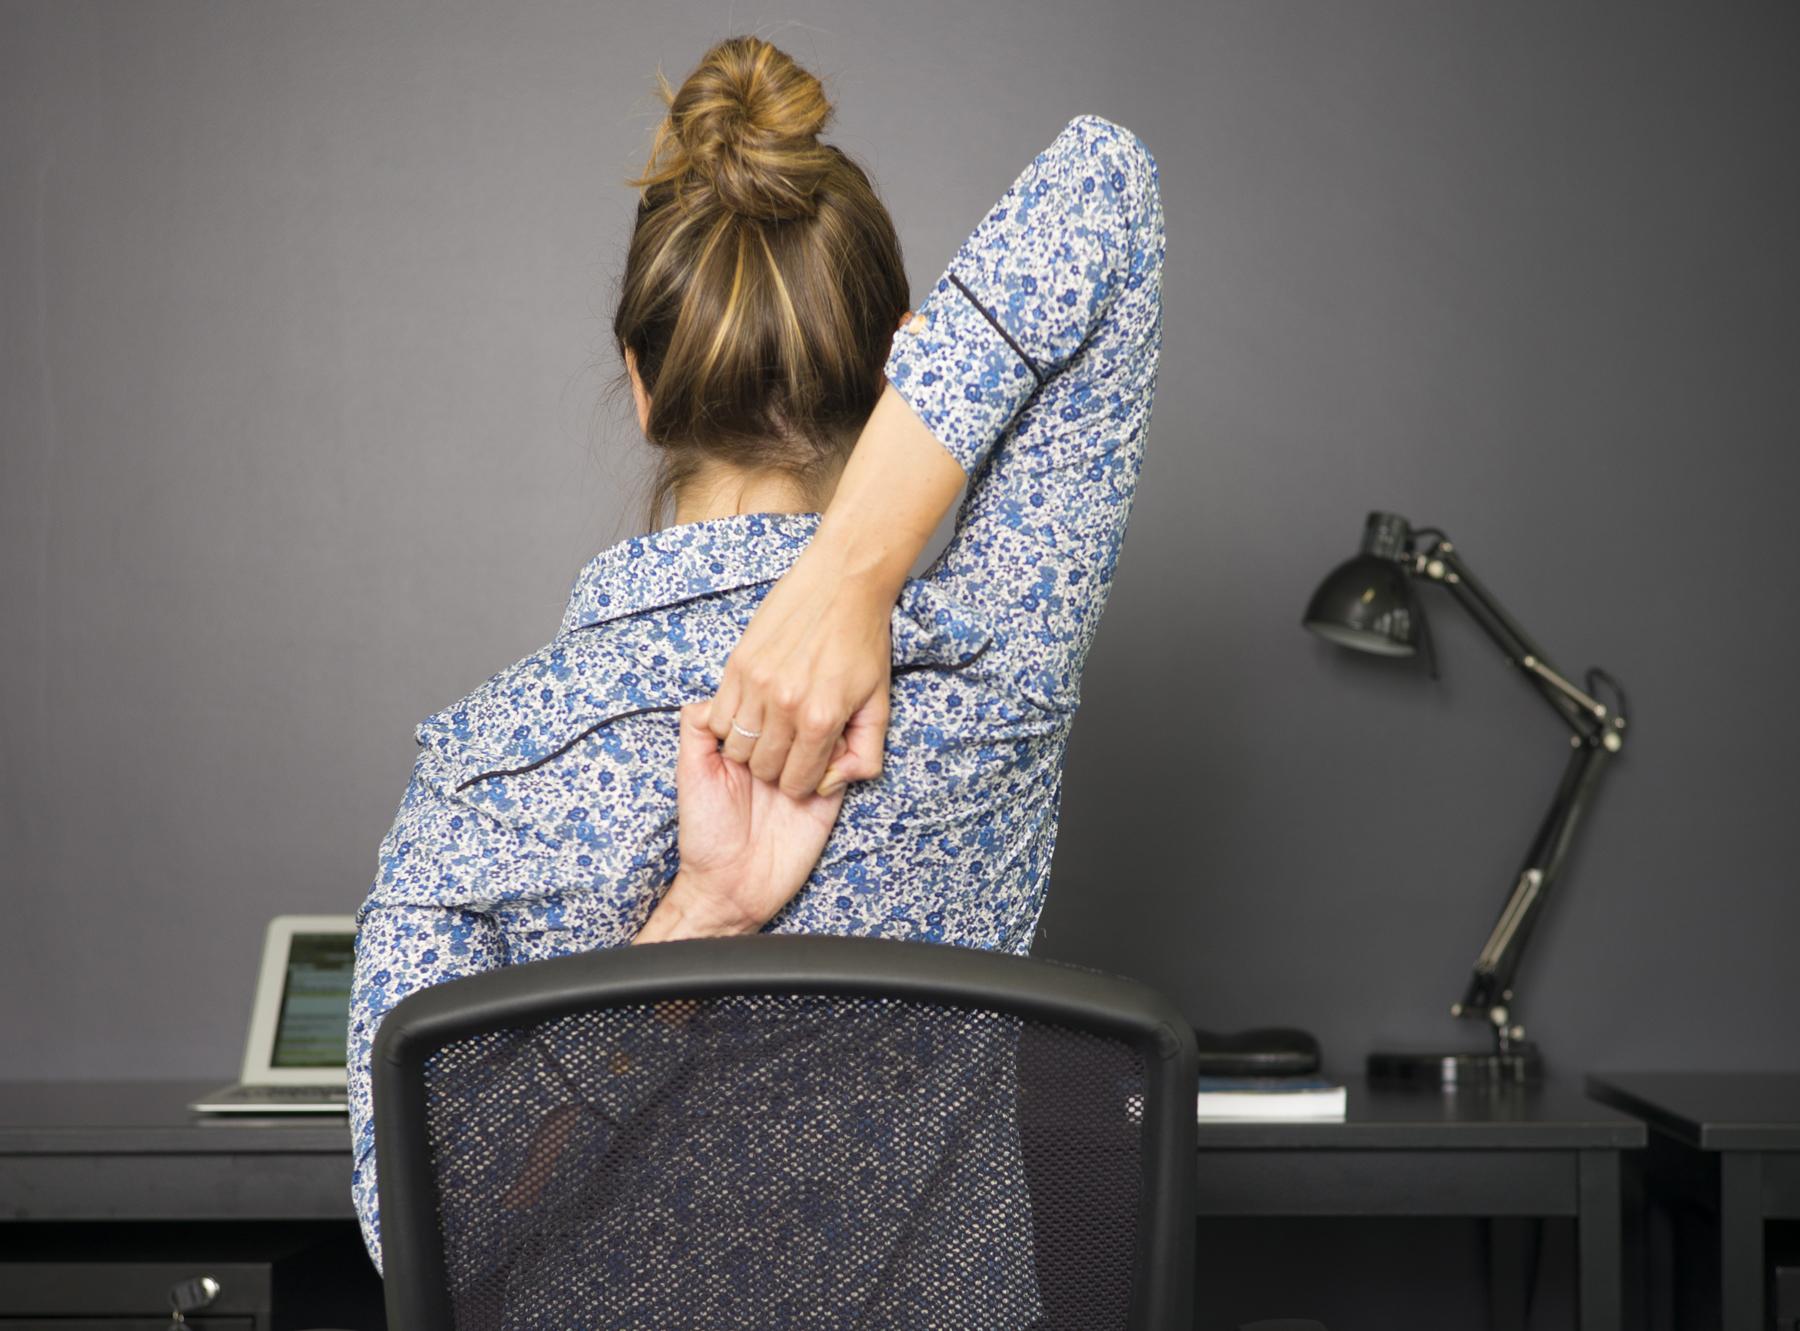 Yoga sur chaise - Yogist